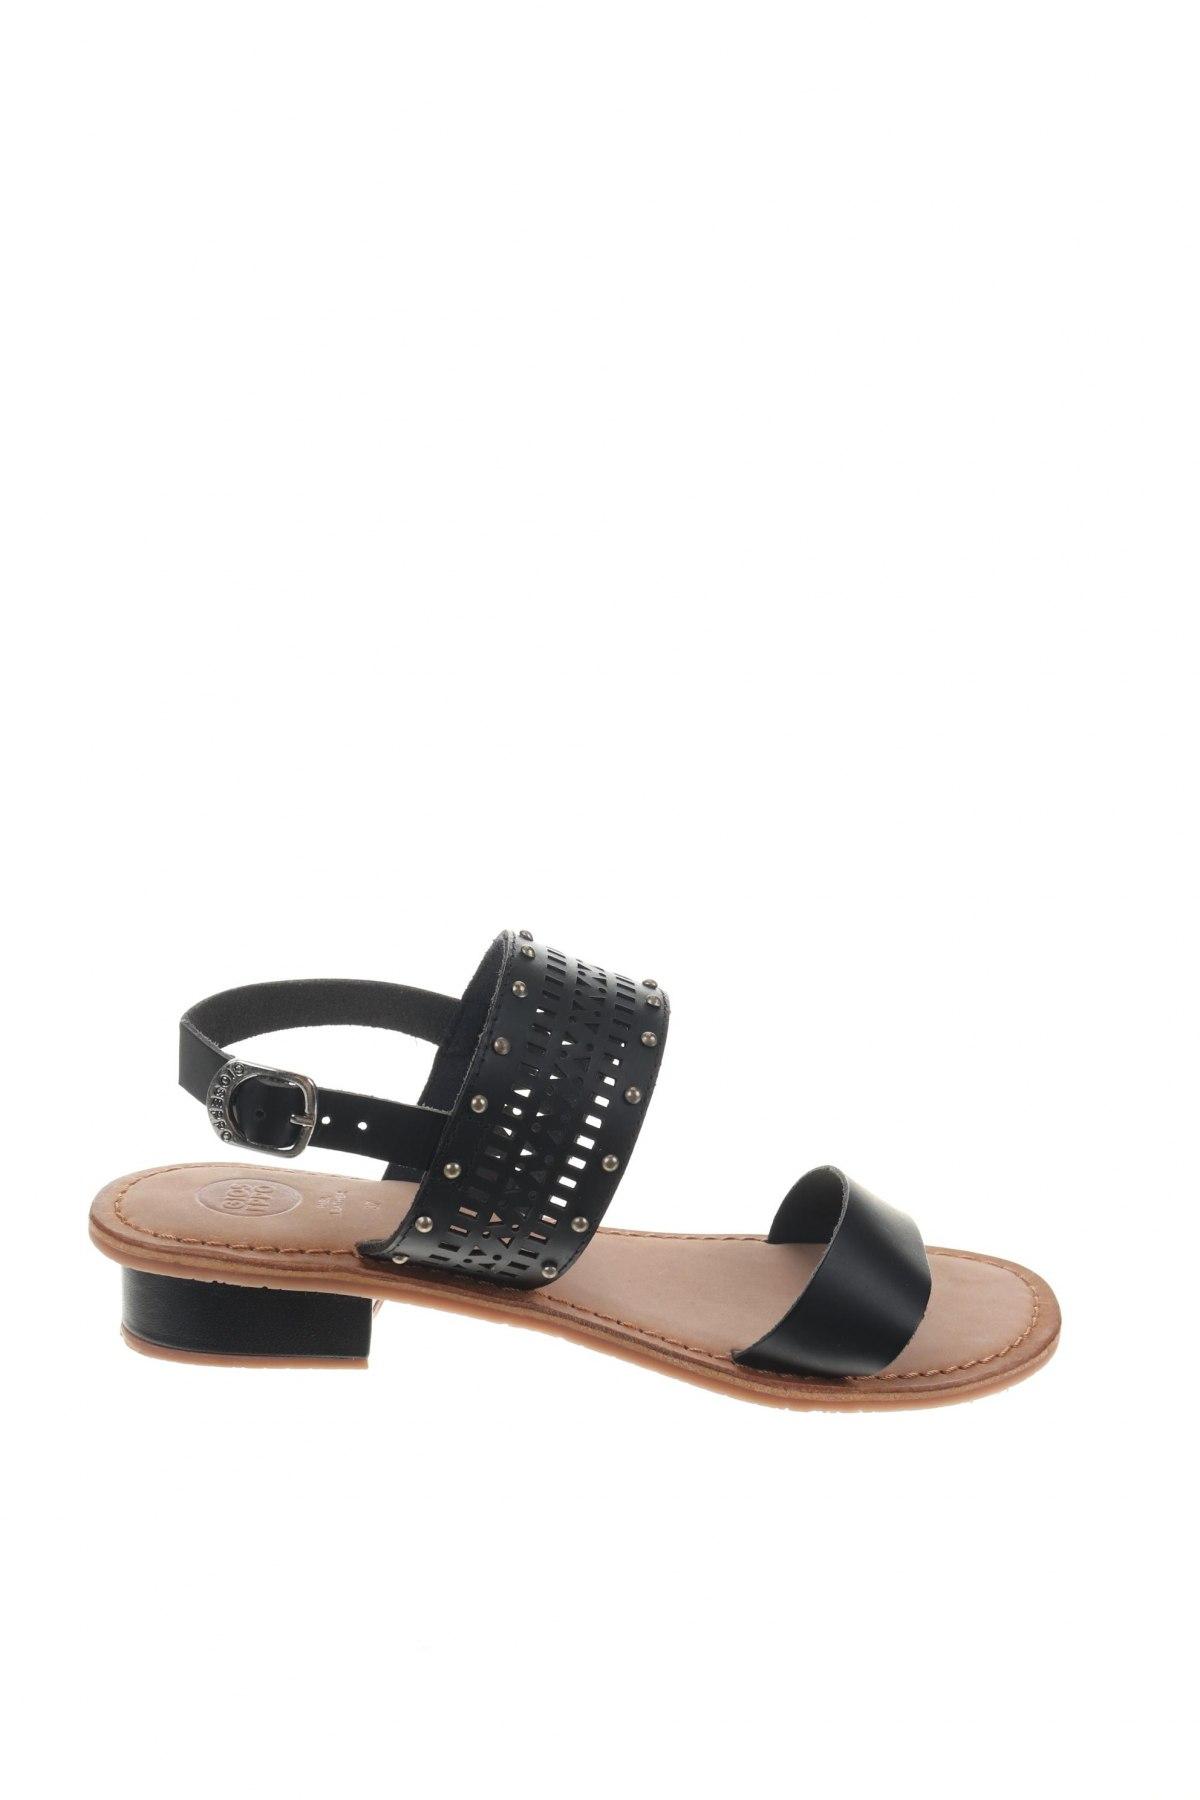 Σανδάλια Gioseppo, Μέγεθος 37, Χρώμα Μαύρο, Γνήσιο δέρμα, Τιμή 22,95€